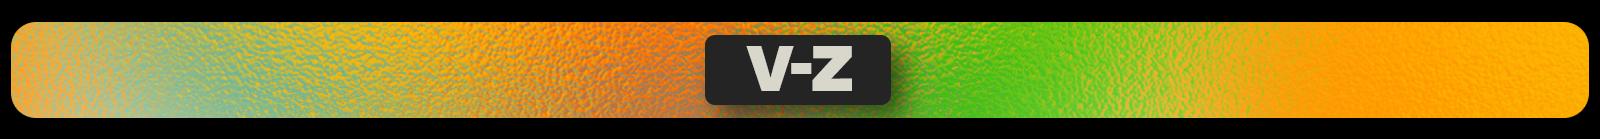 V-Z.png